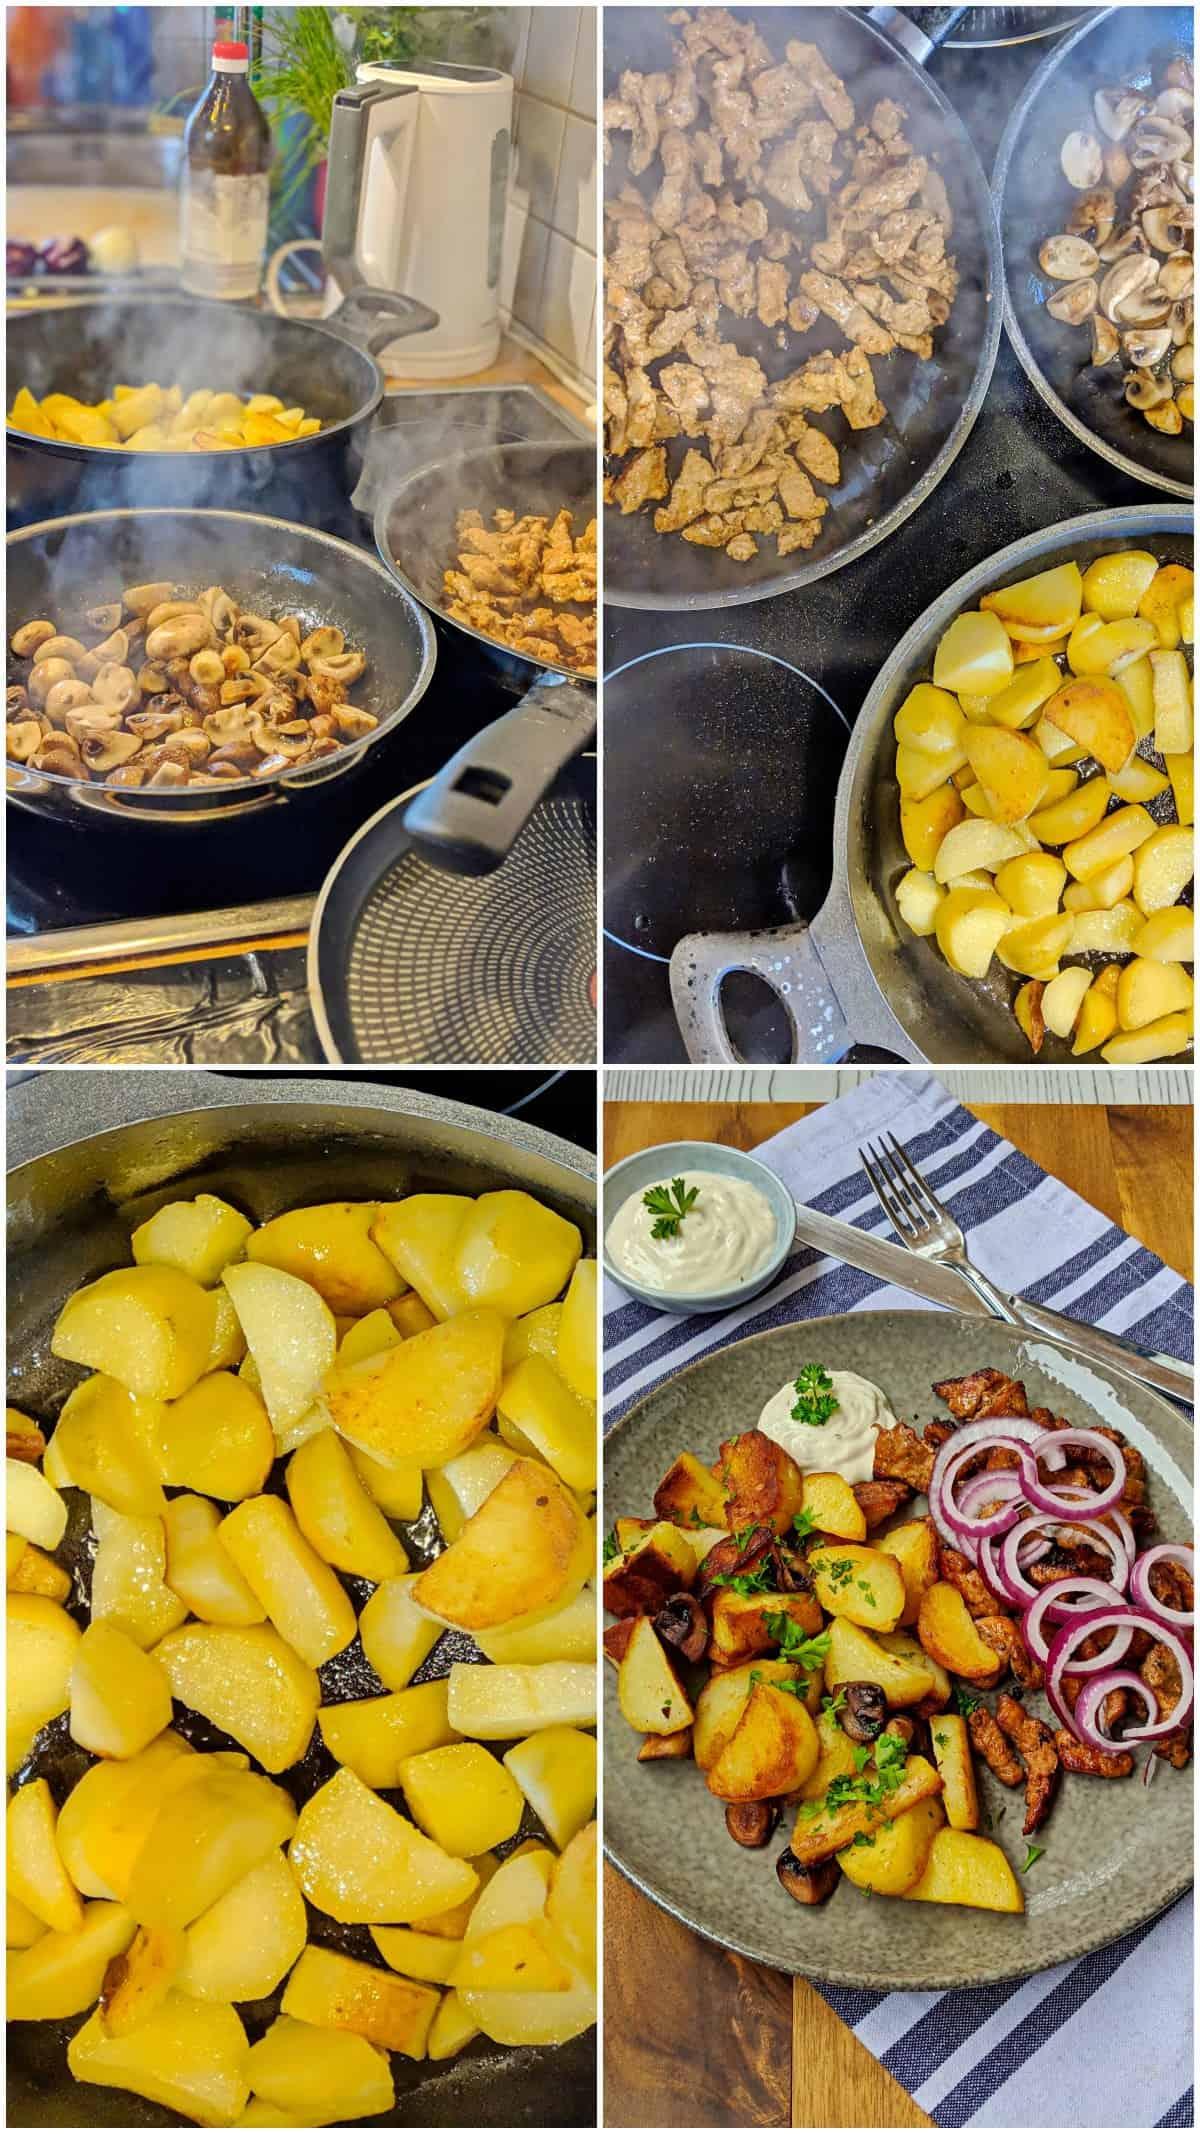 Eine Collage der Zubereitungsschritte von Bratkartoffeln mit Gyros.